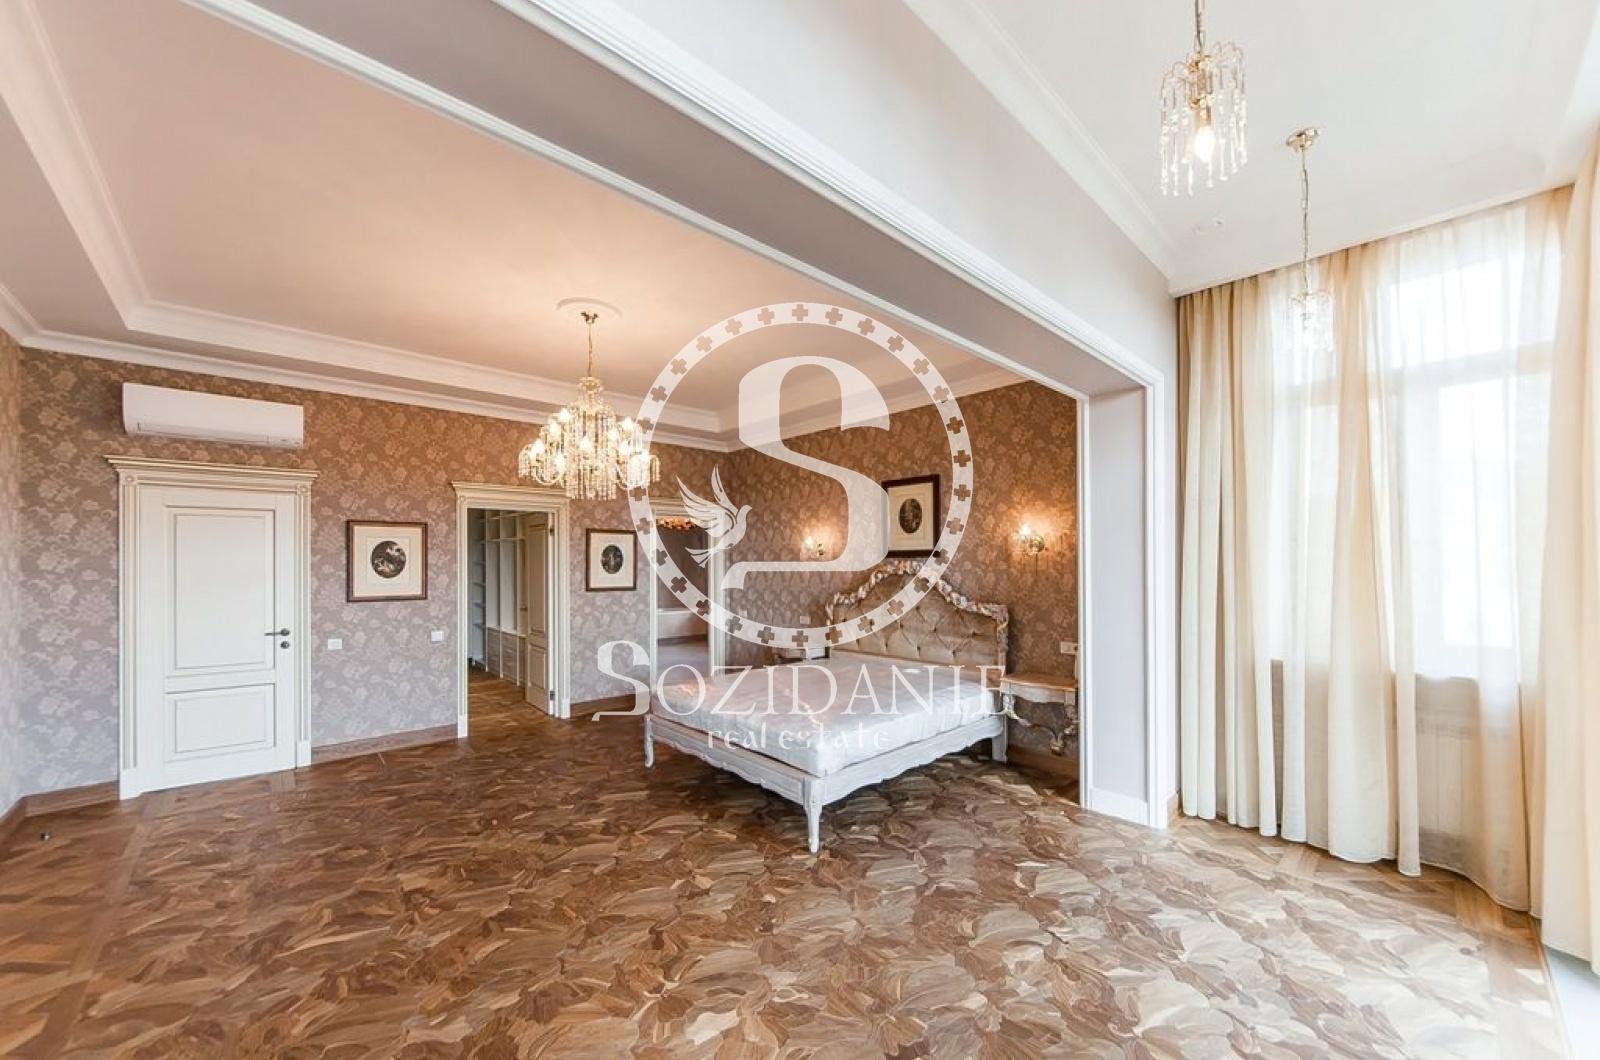 4 Bedrooms, Загородная, Продажа, Listing ID 1442, Московская область, Россия,